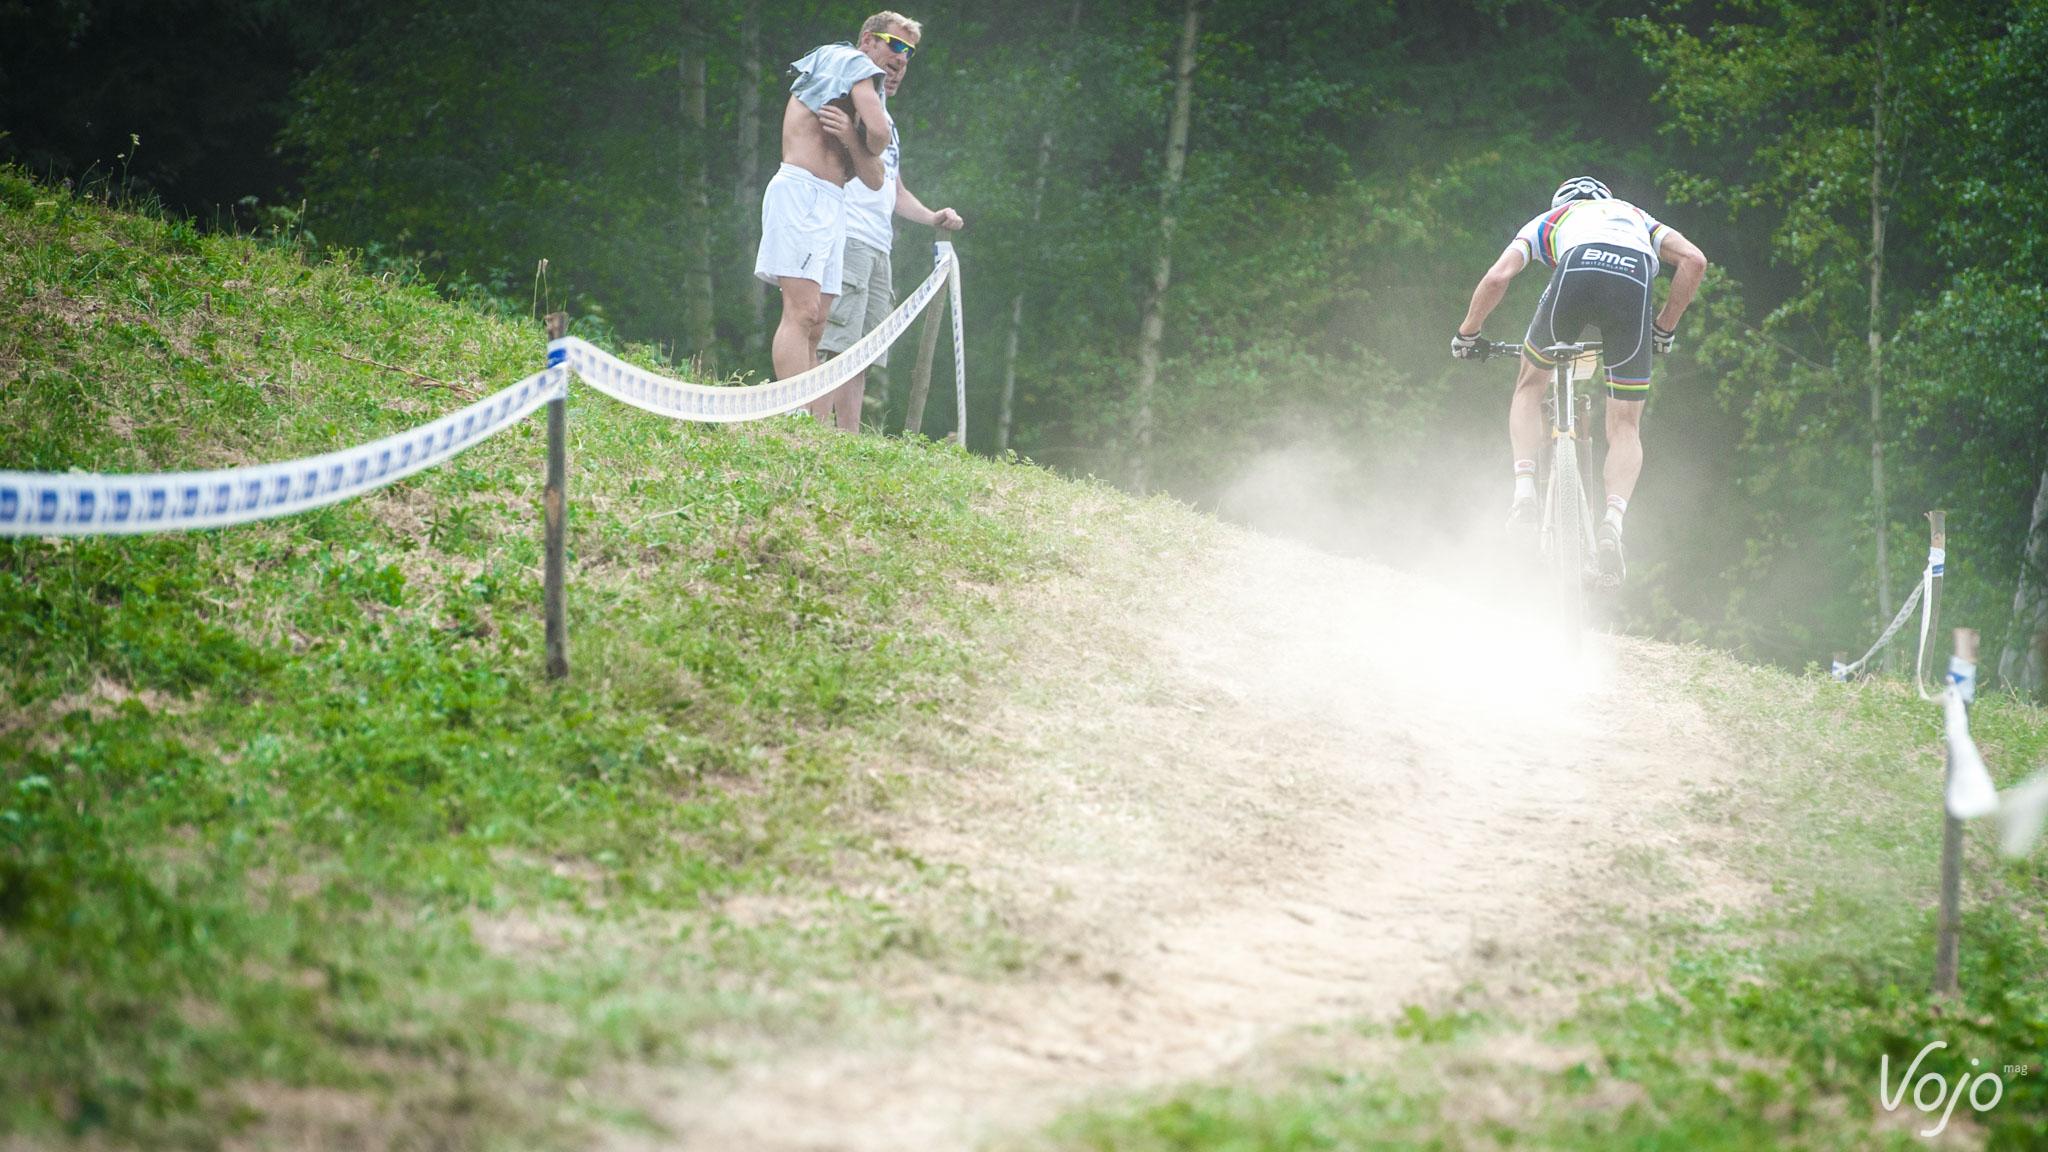 Championnats-de-france-2015-Oz-XC-Espoirs-finale-29